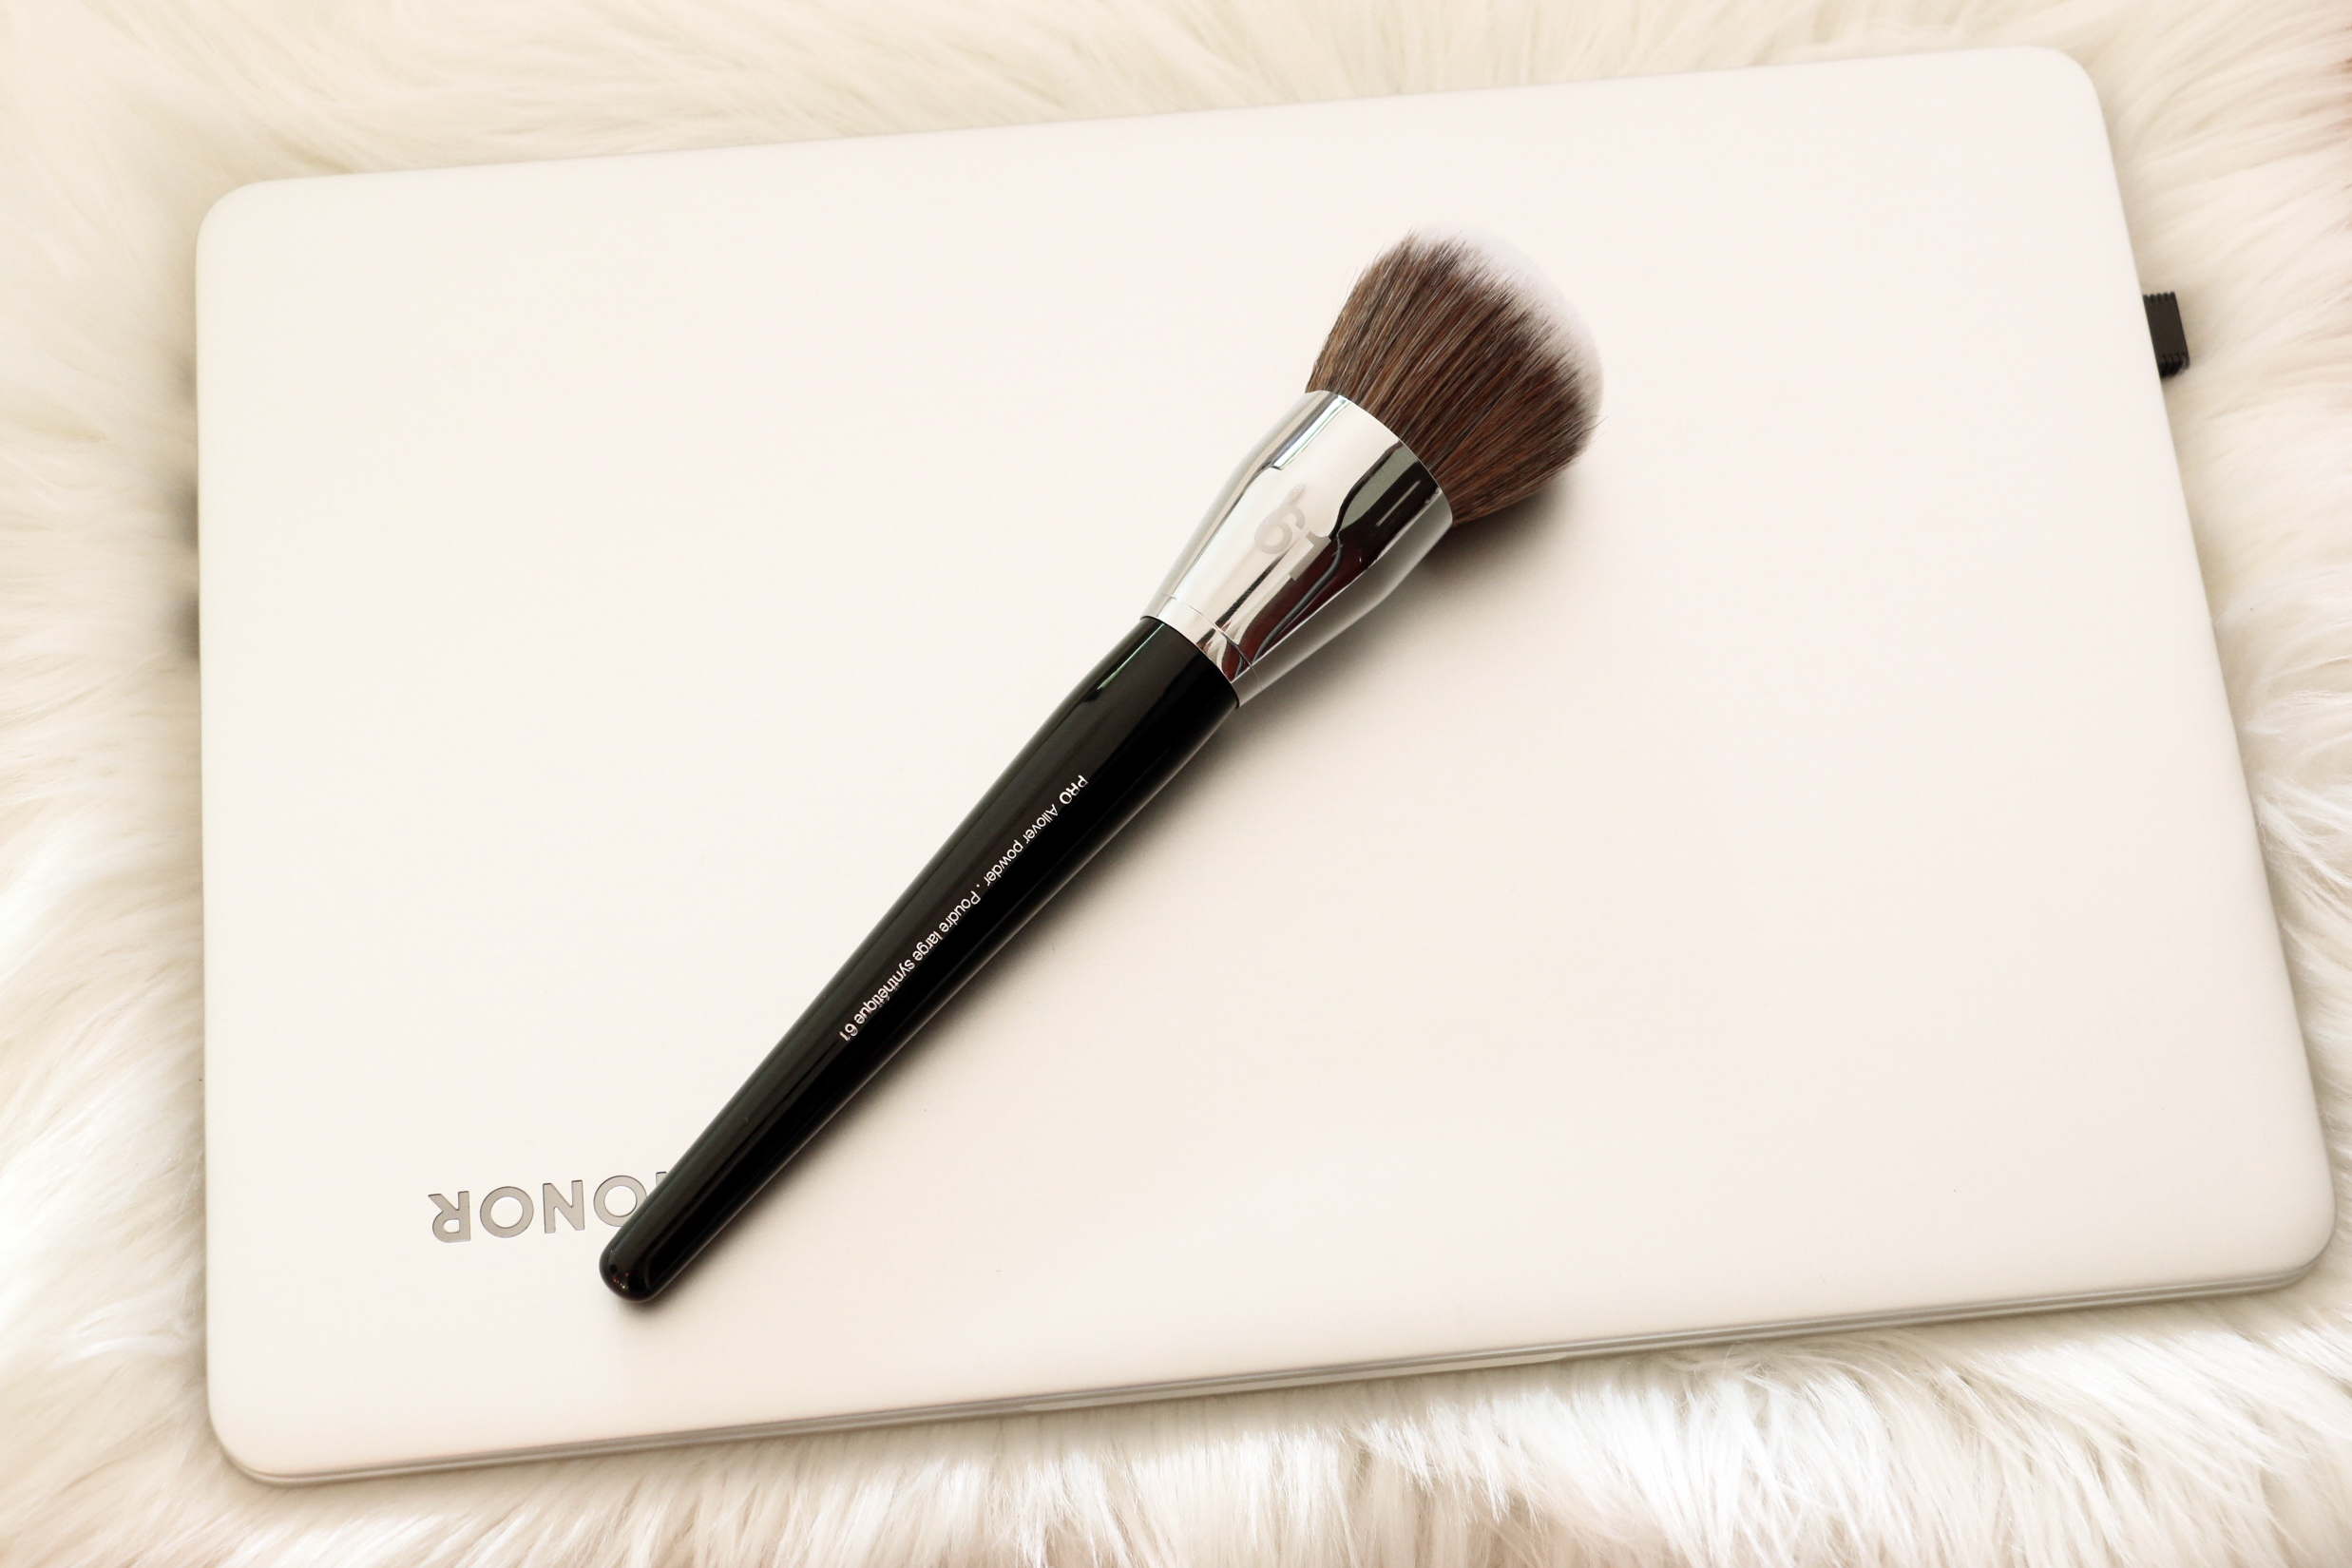 Pincel grande de blush high gloss escova Fundação Cosméticos Sobrancelha Sombra Pincel de Maquiagem Conjuntos de Escova Ferramentas Pincel Maquiagem